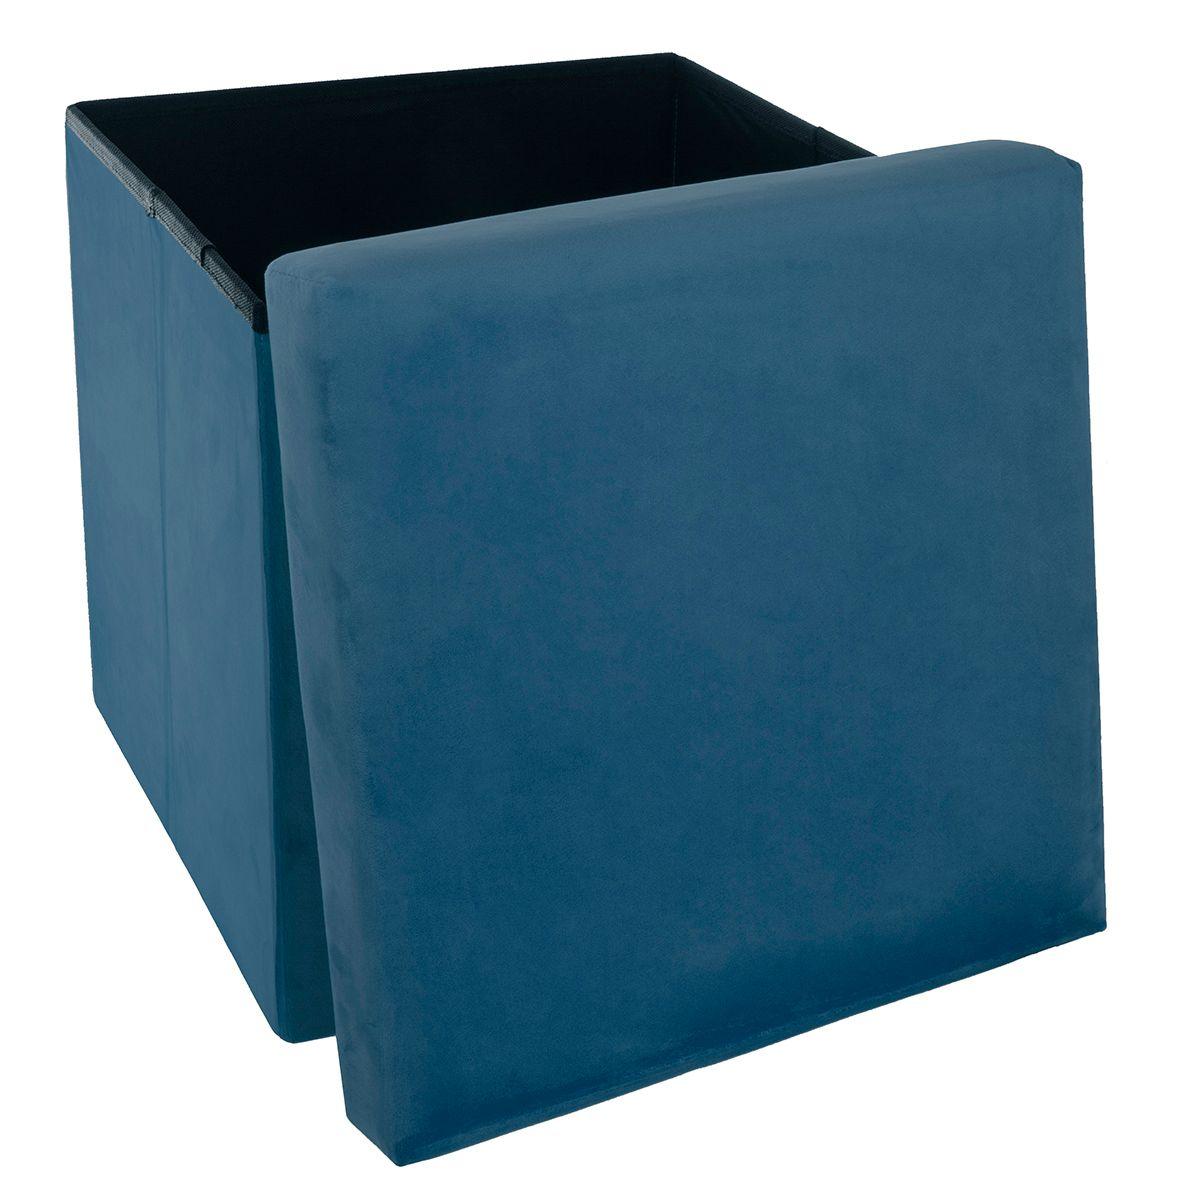 Pouf rangement velours bleu foncé